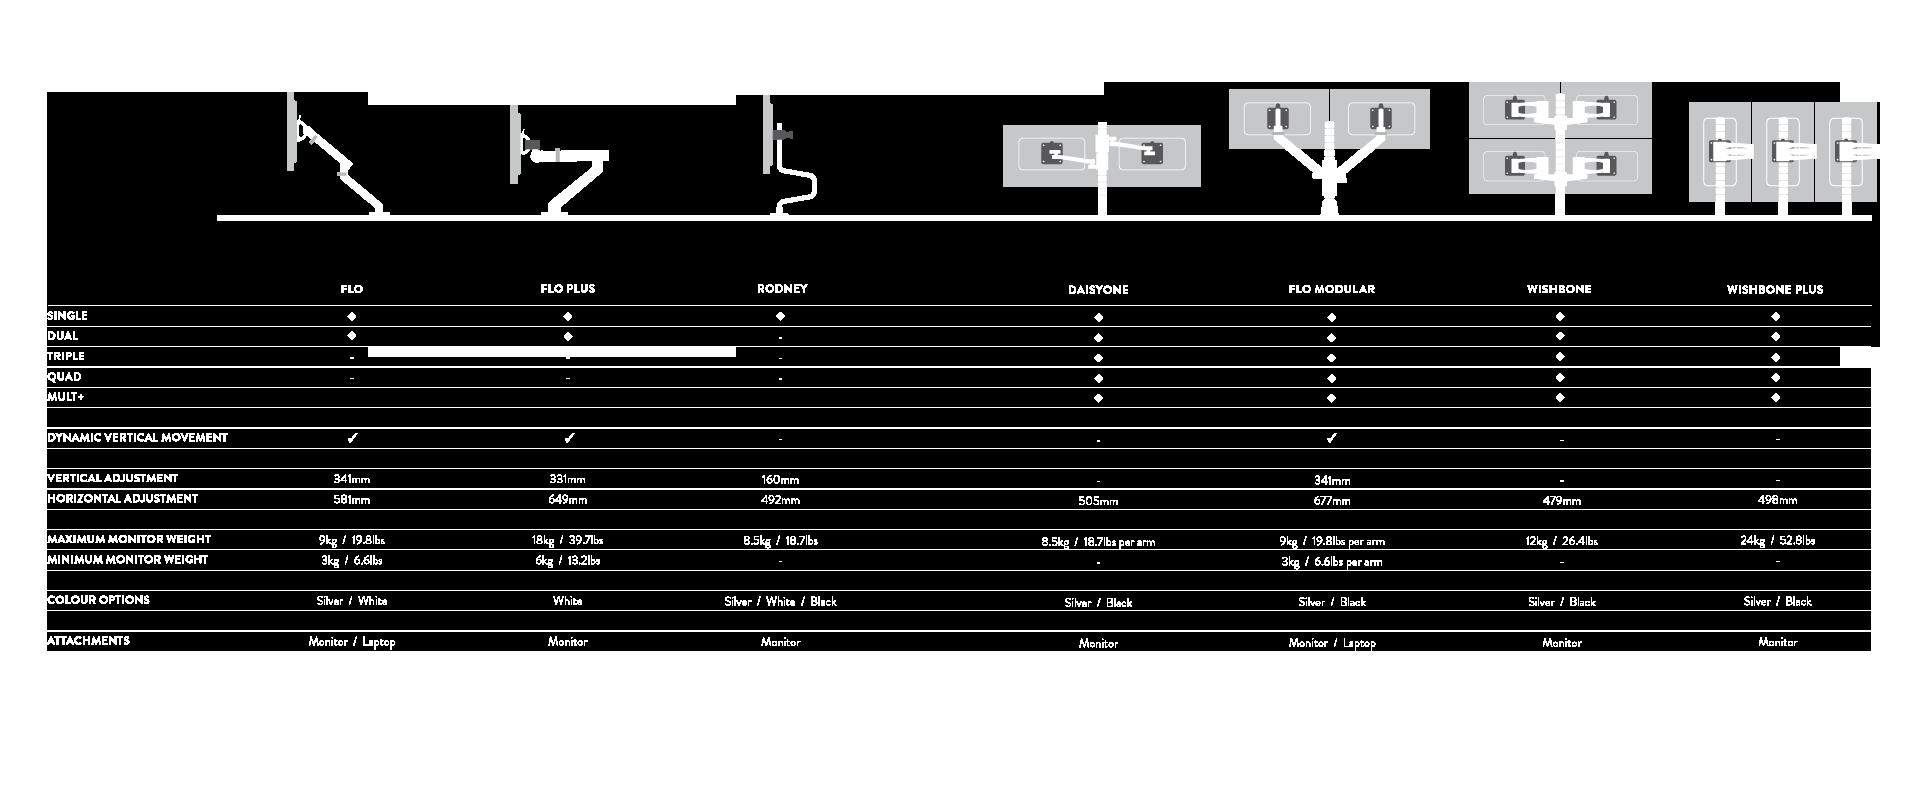 Compare_arms